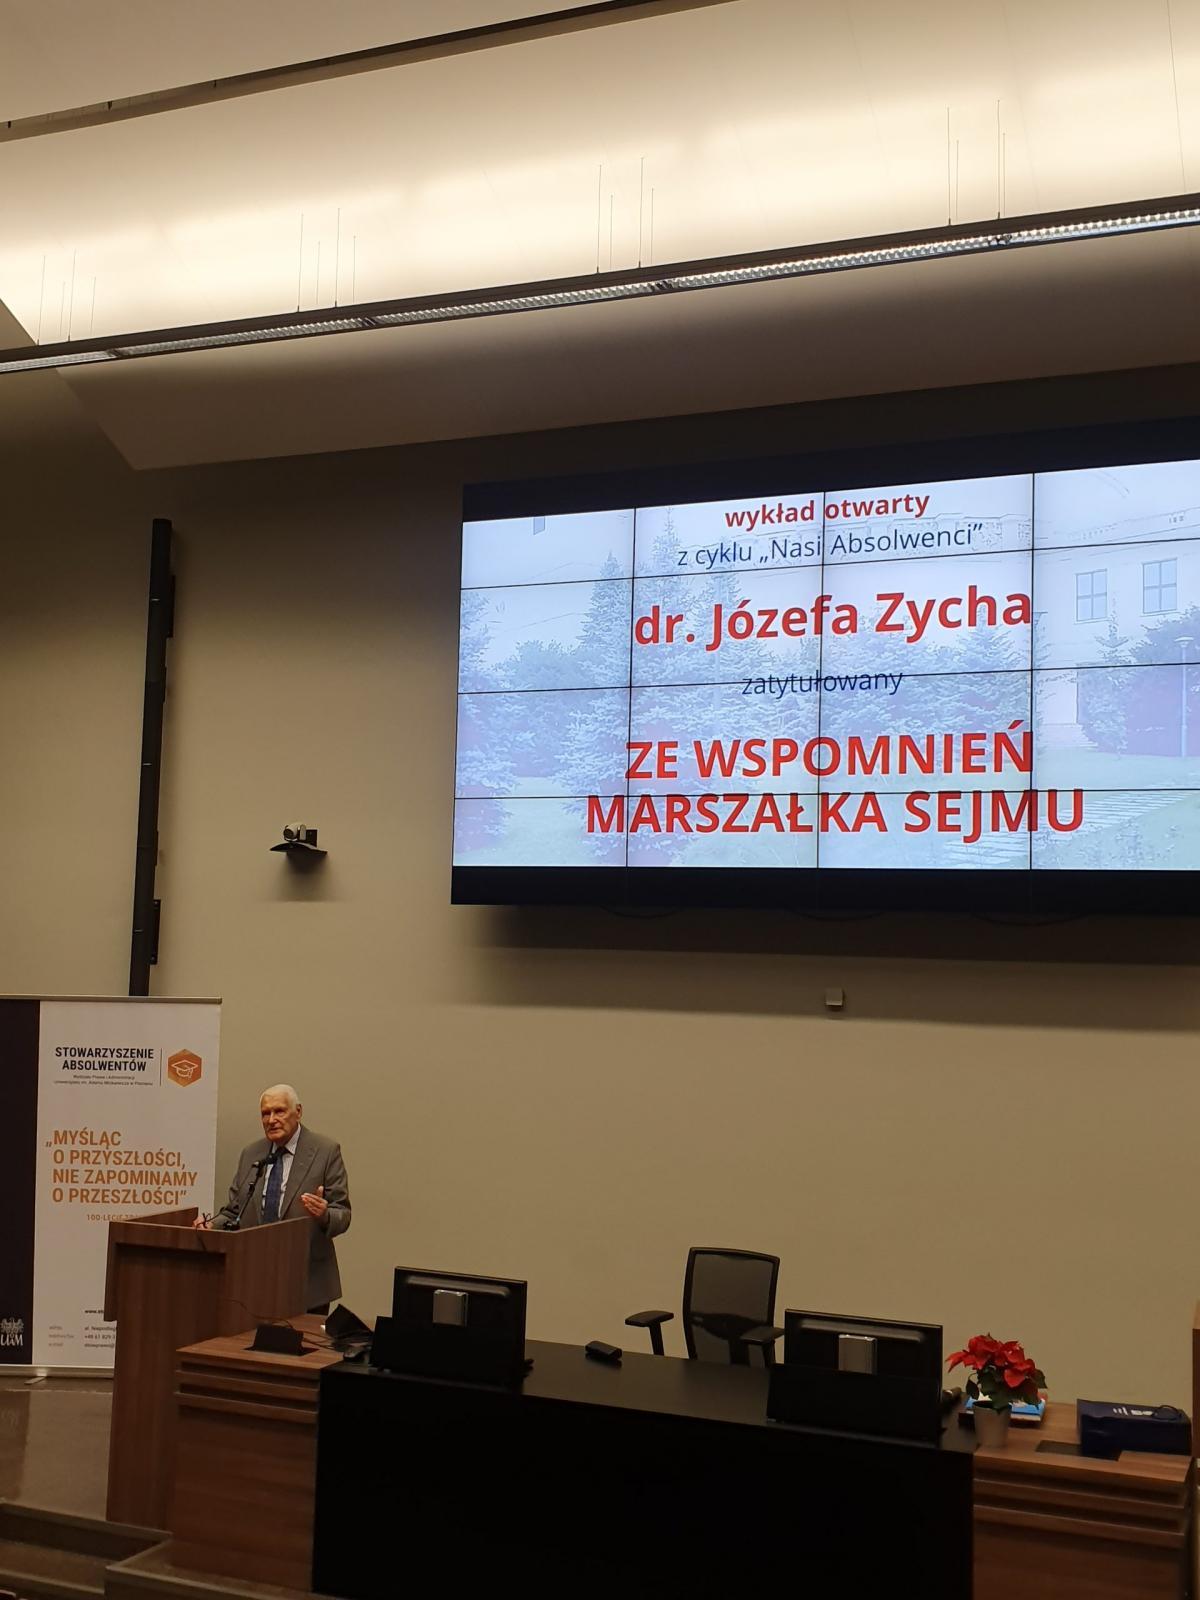 J.Zych